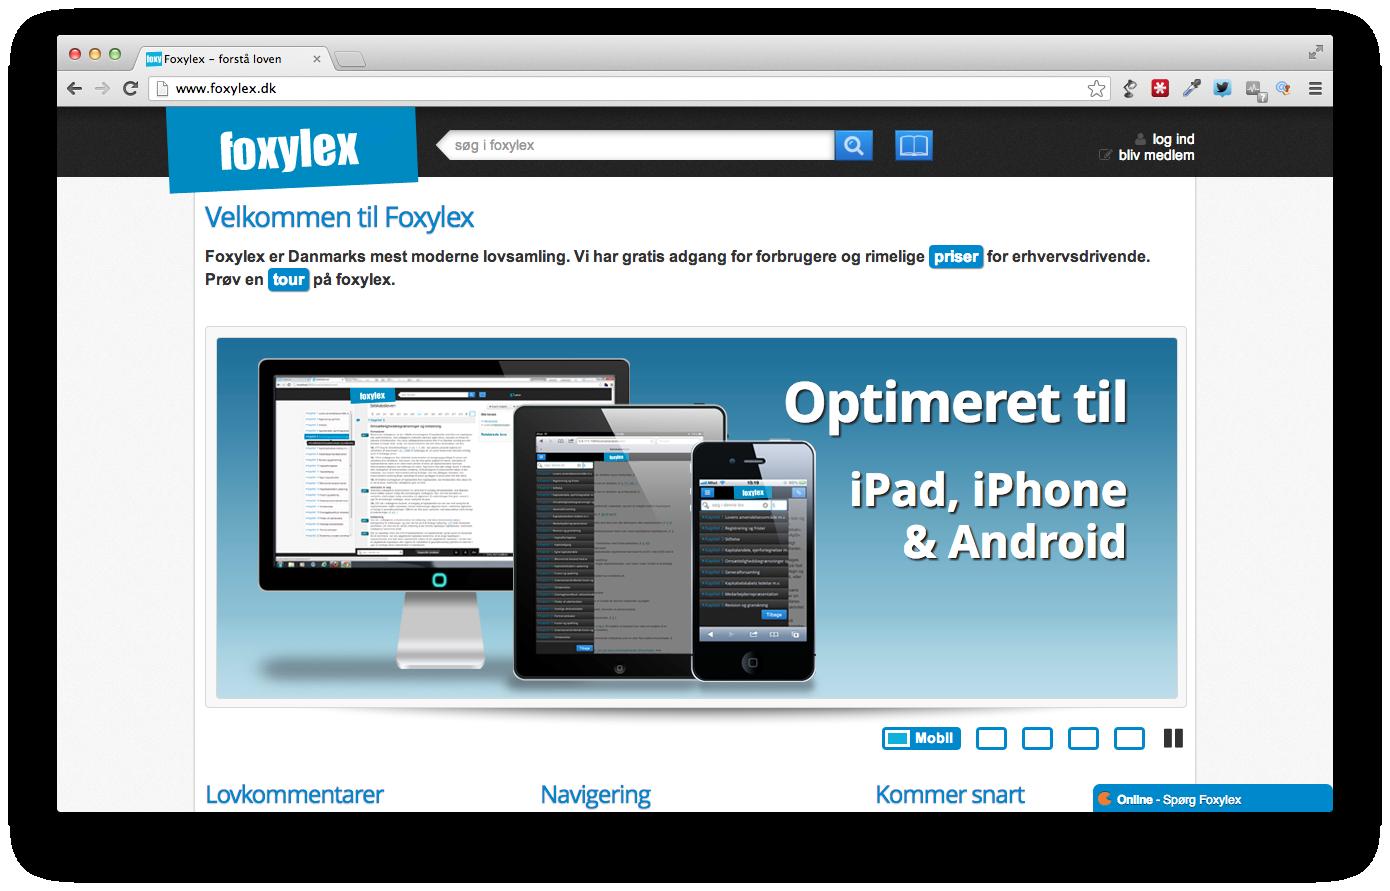 Foxylex.dk moderniserer den danske lovsamling